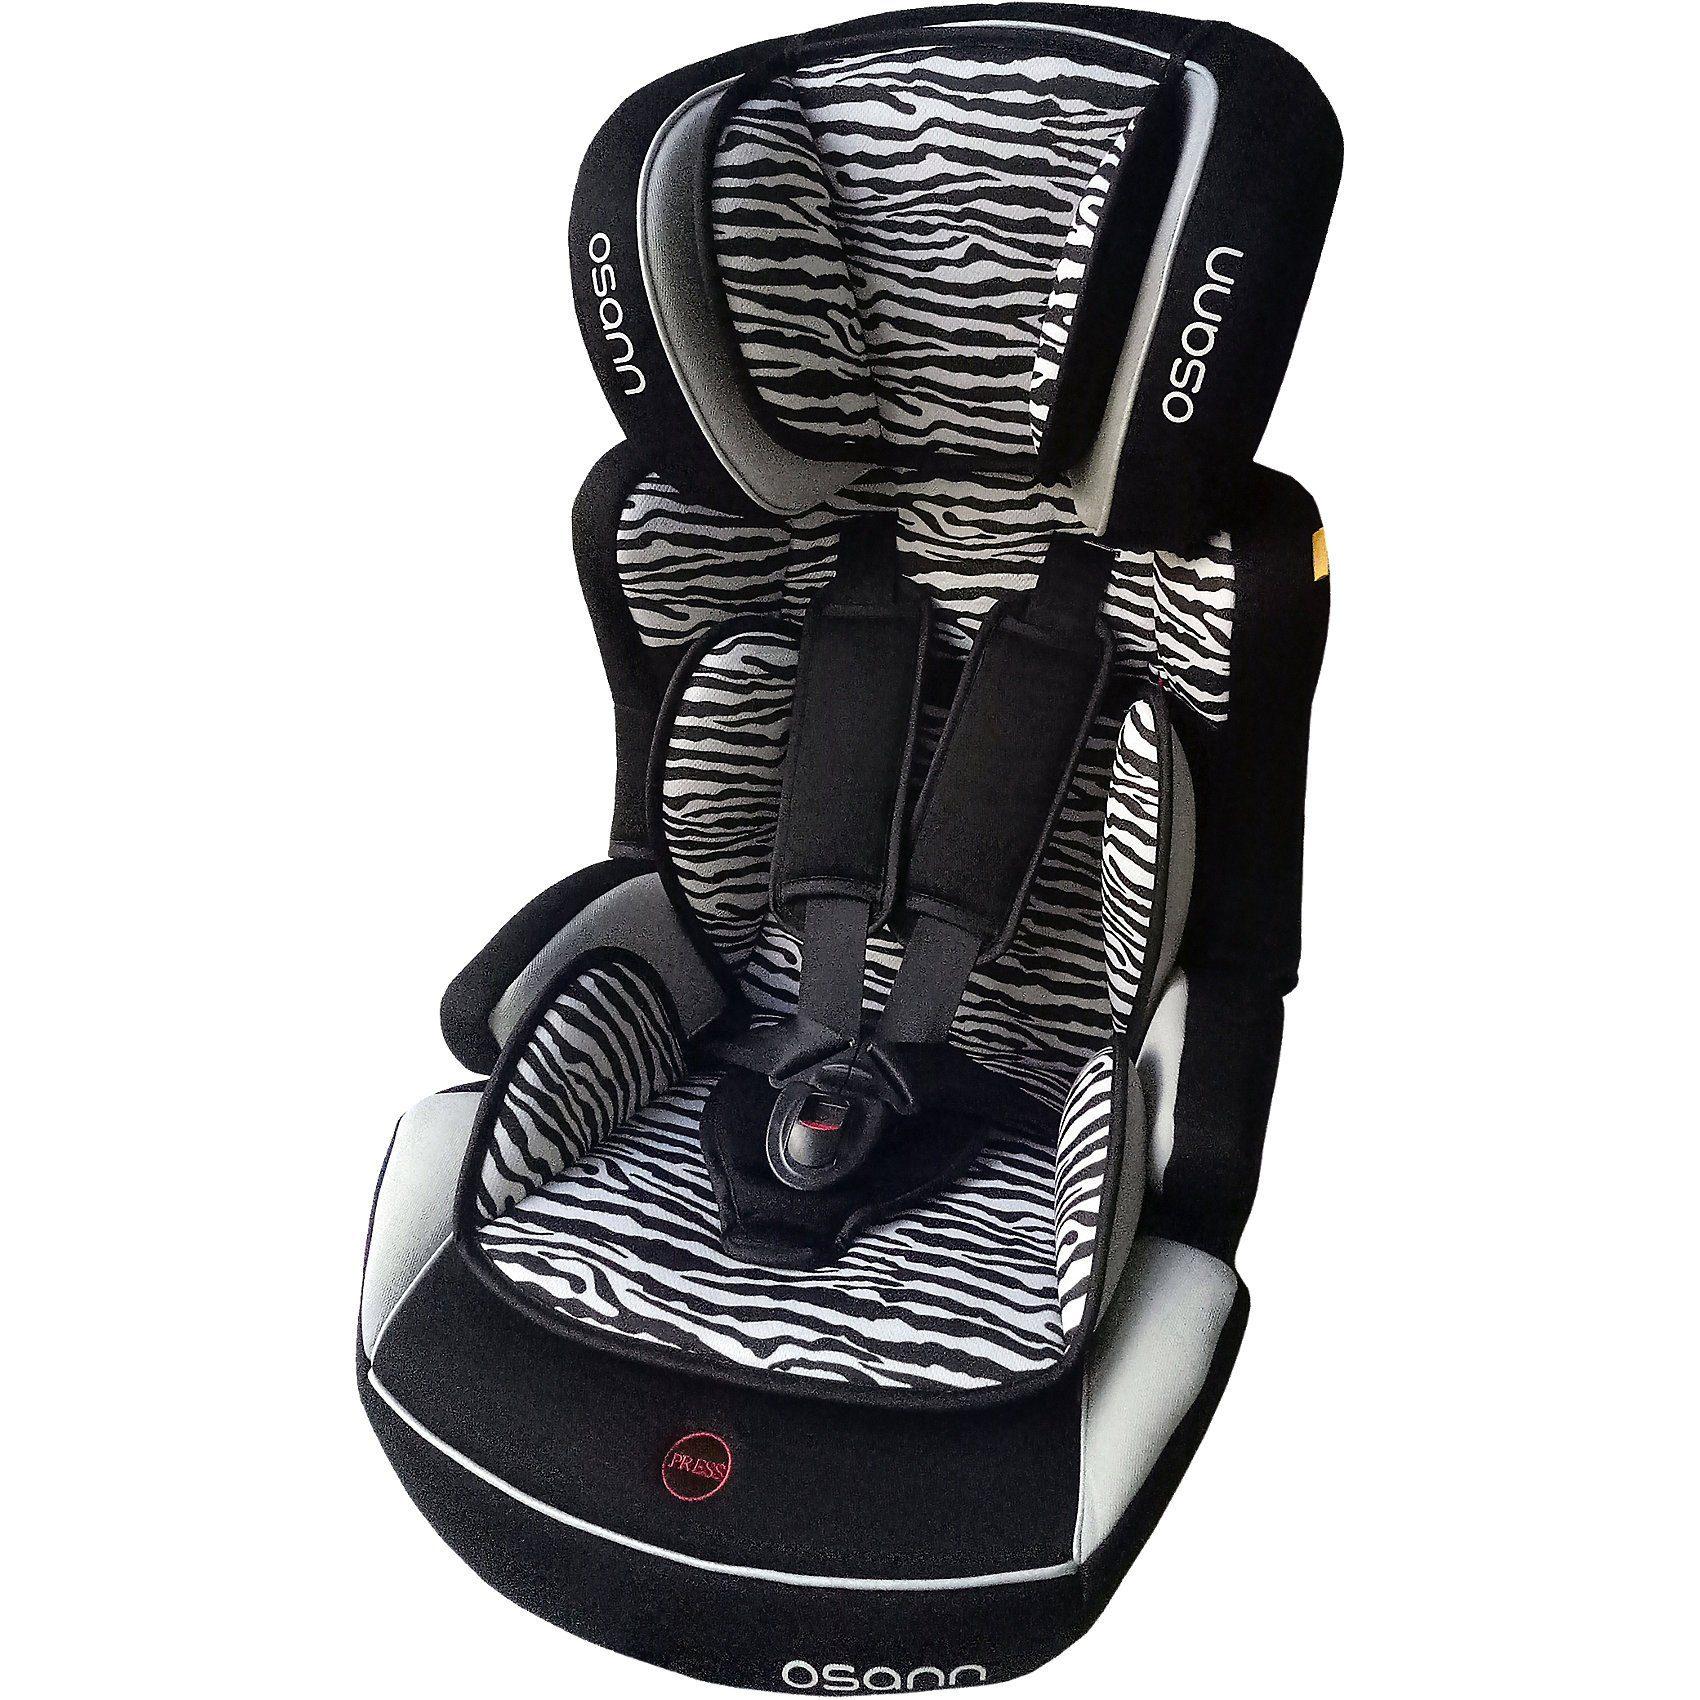 Osann Auto-Kindersitz Lupo Isofix, Safari, 2017